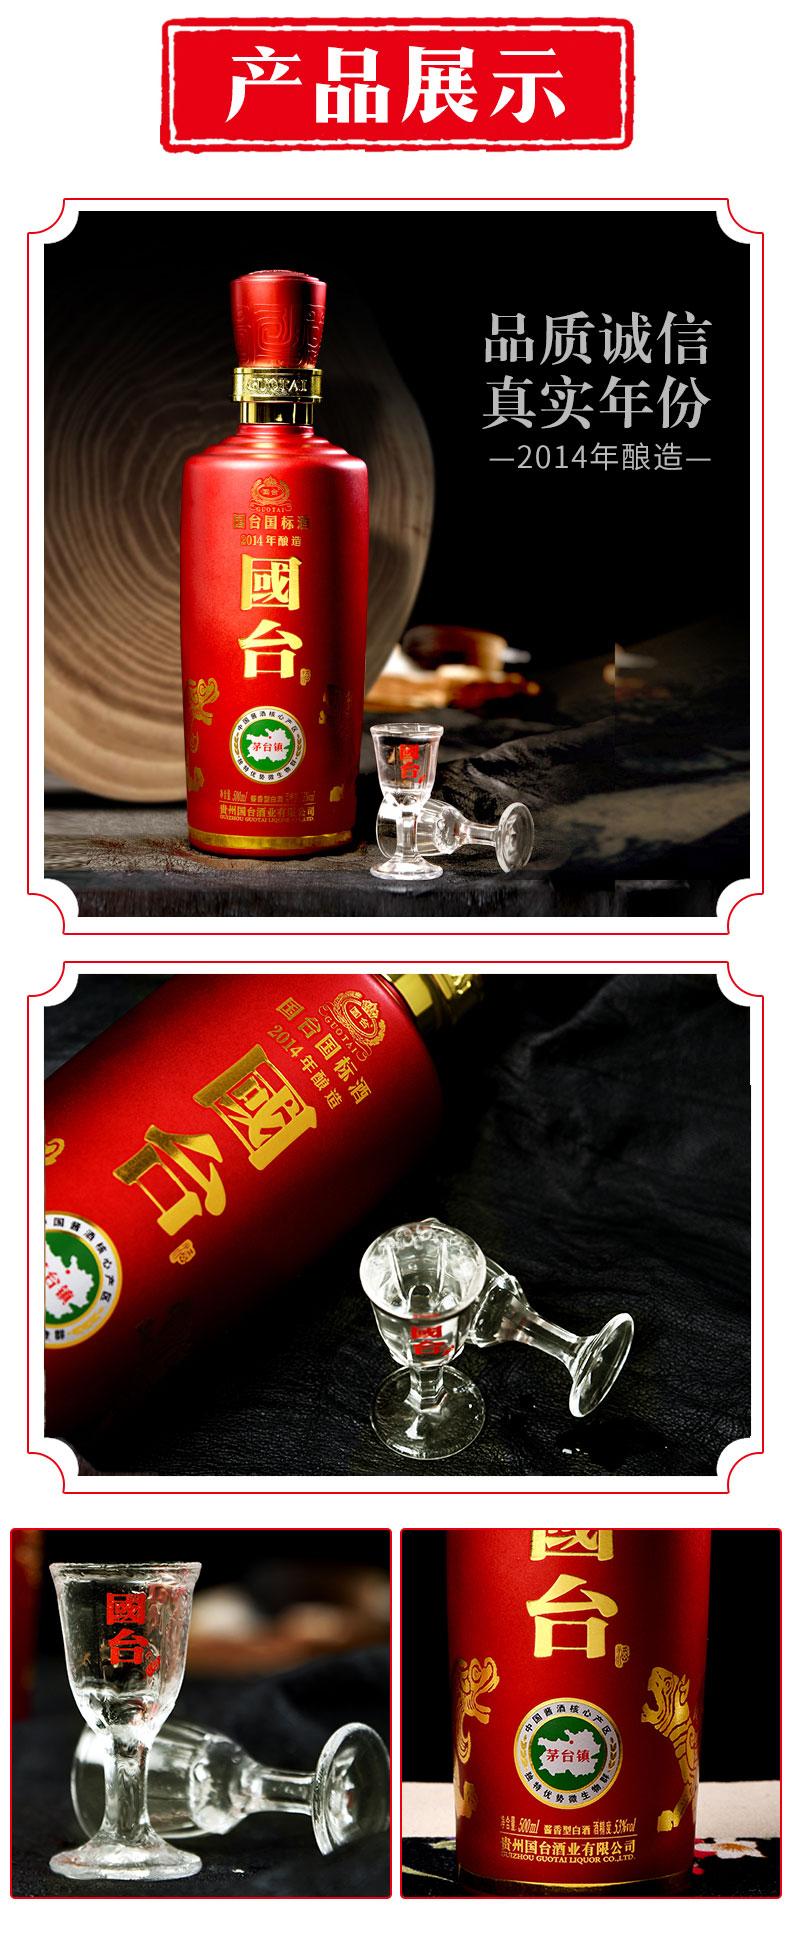 國臺國標酒 (3).jpg